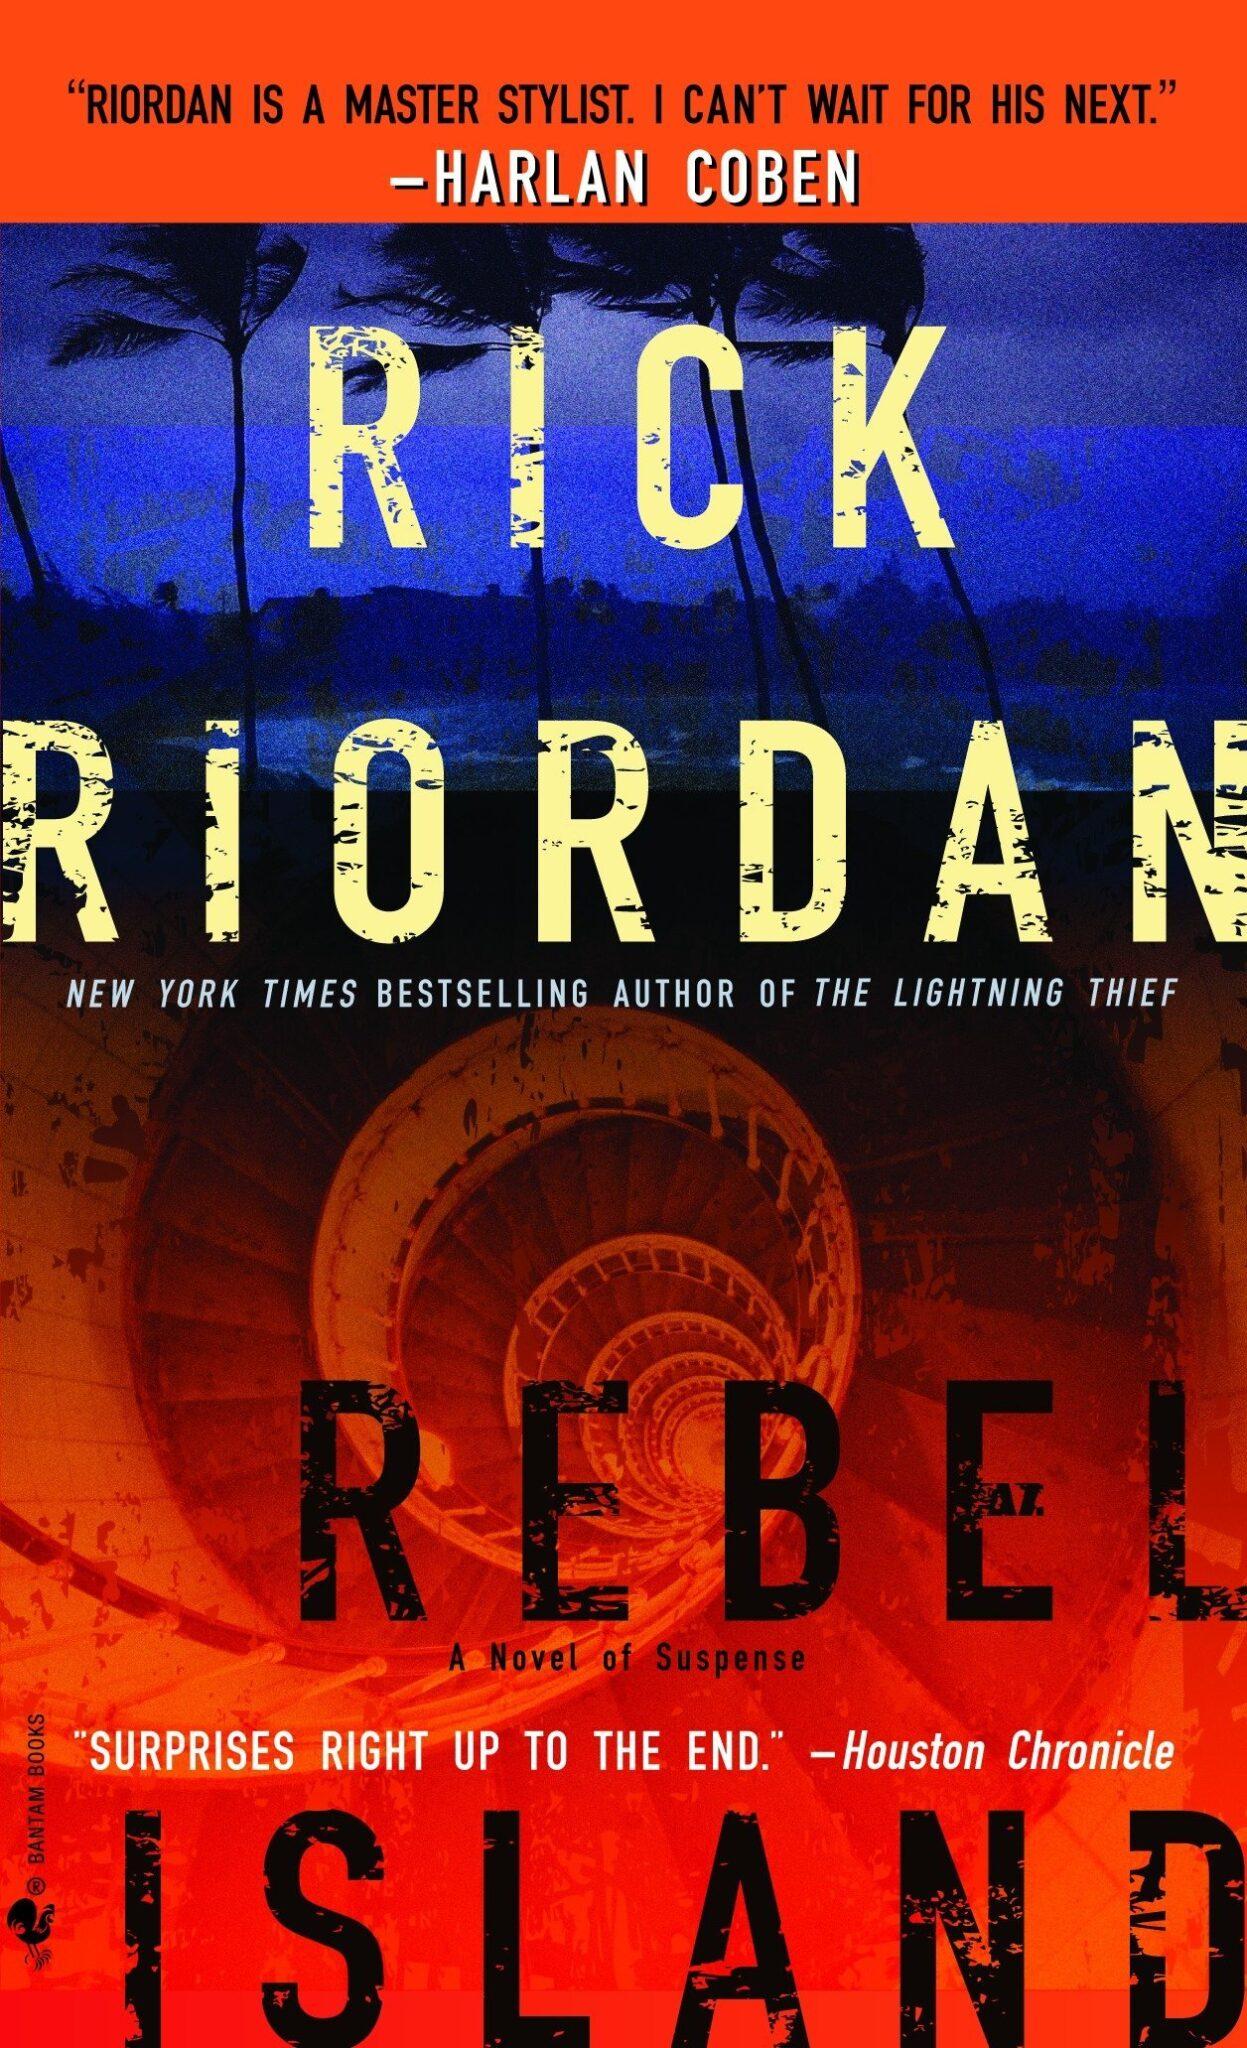 Rick Riordan books 10